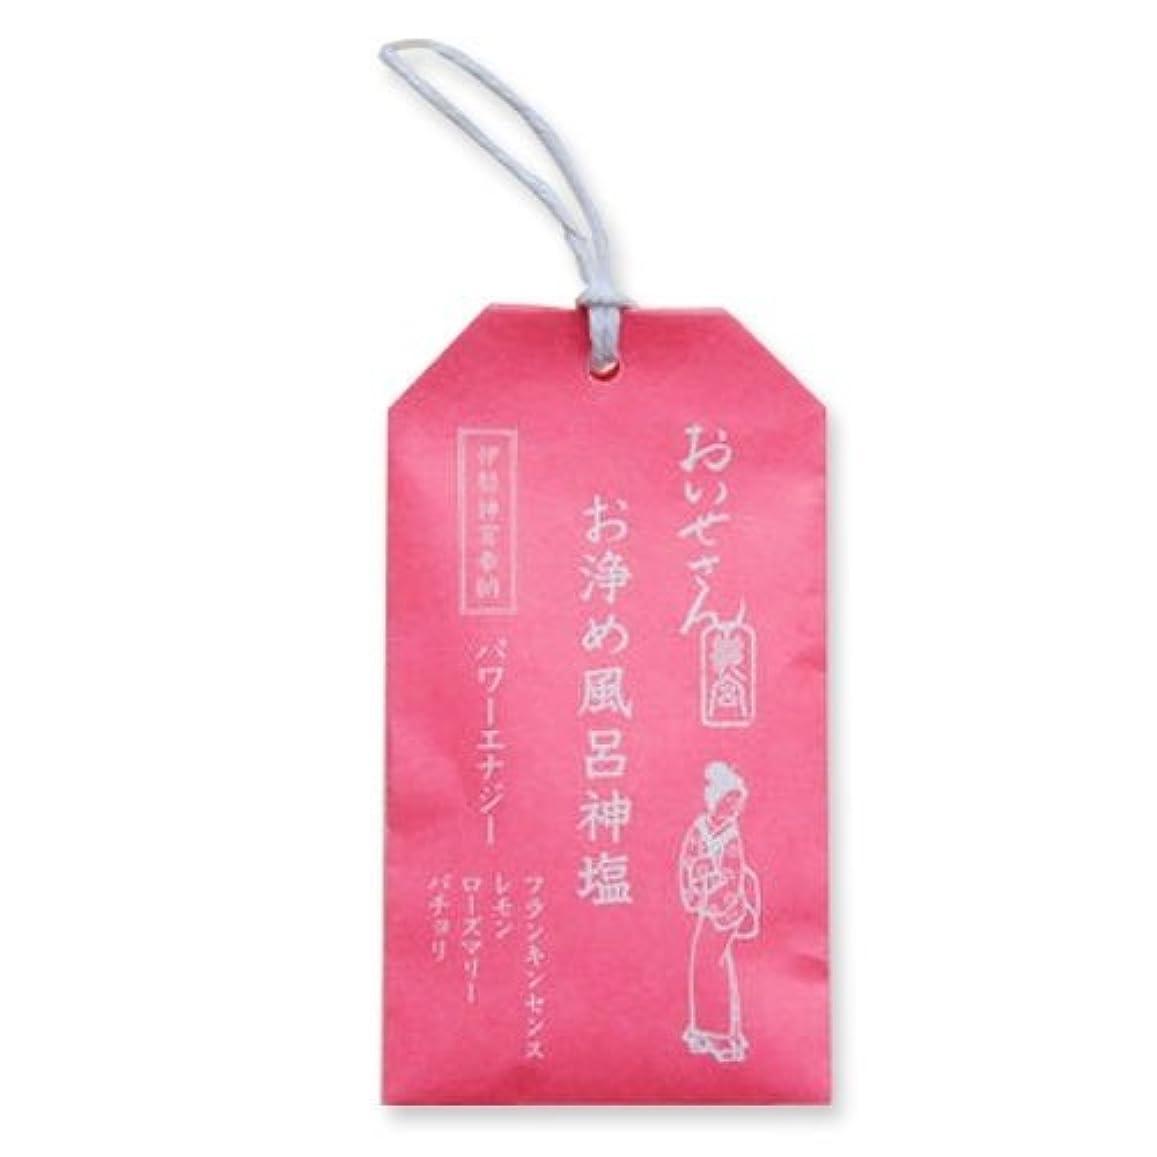 運動する骨球状おいせさん お浄め風呂神塩 バス用ソルト(パワーエナジー) 20g